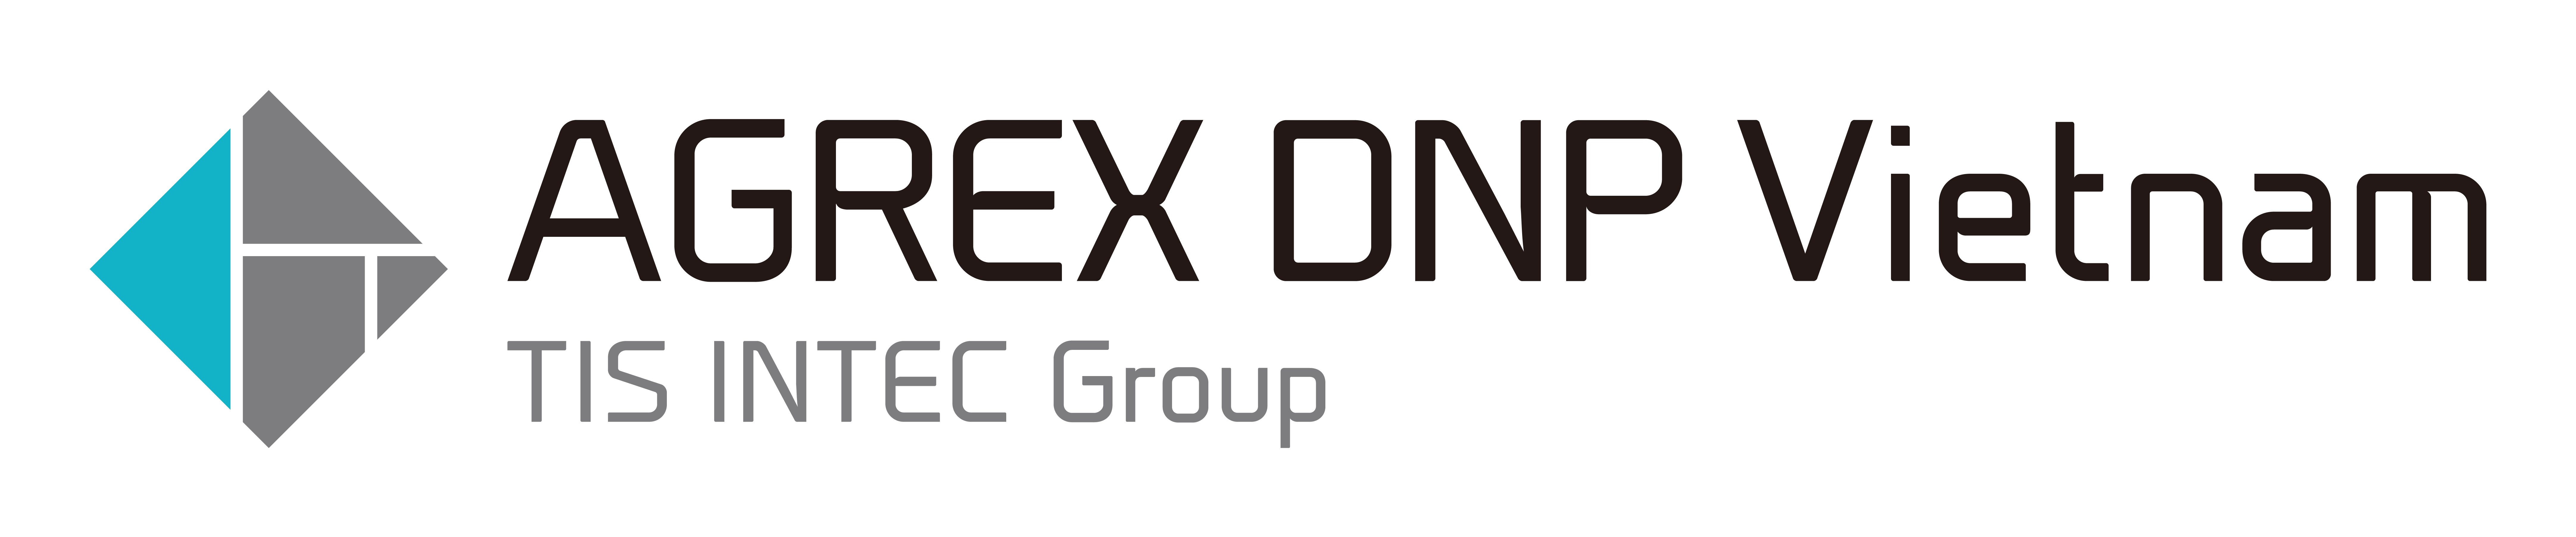 Công ty TNHH AGREX DNP Việt Nam